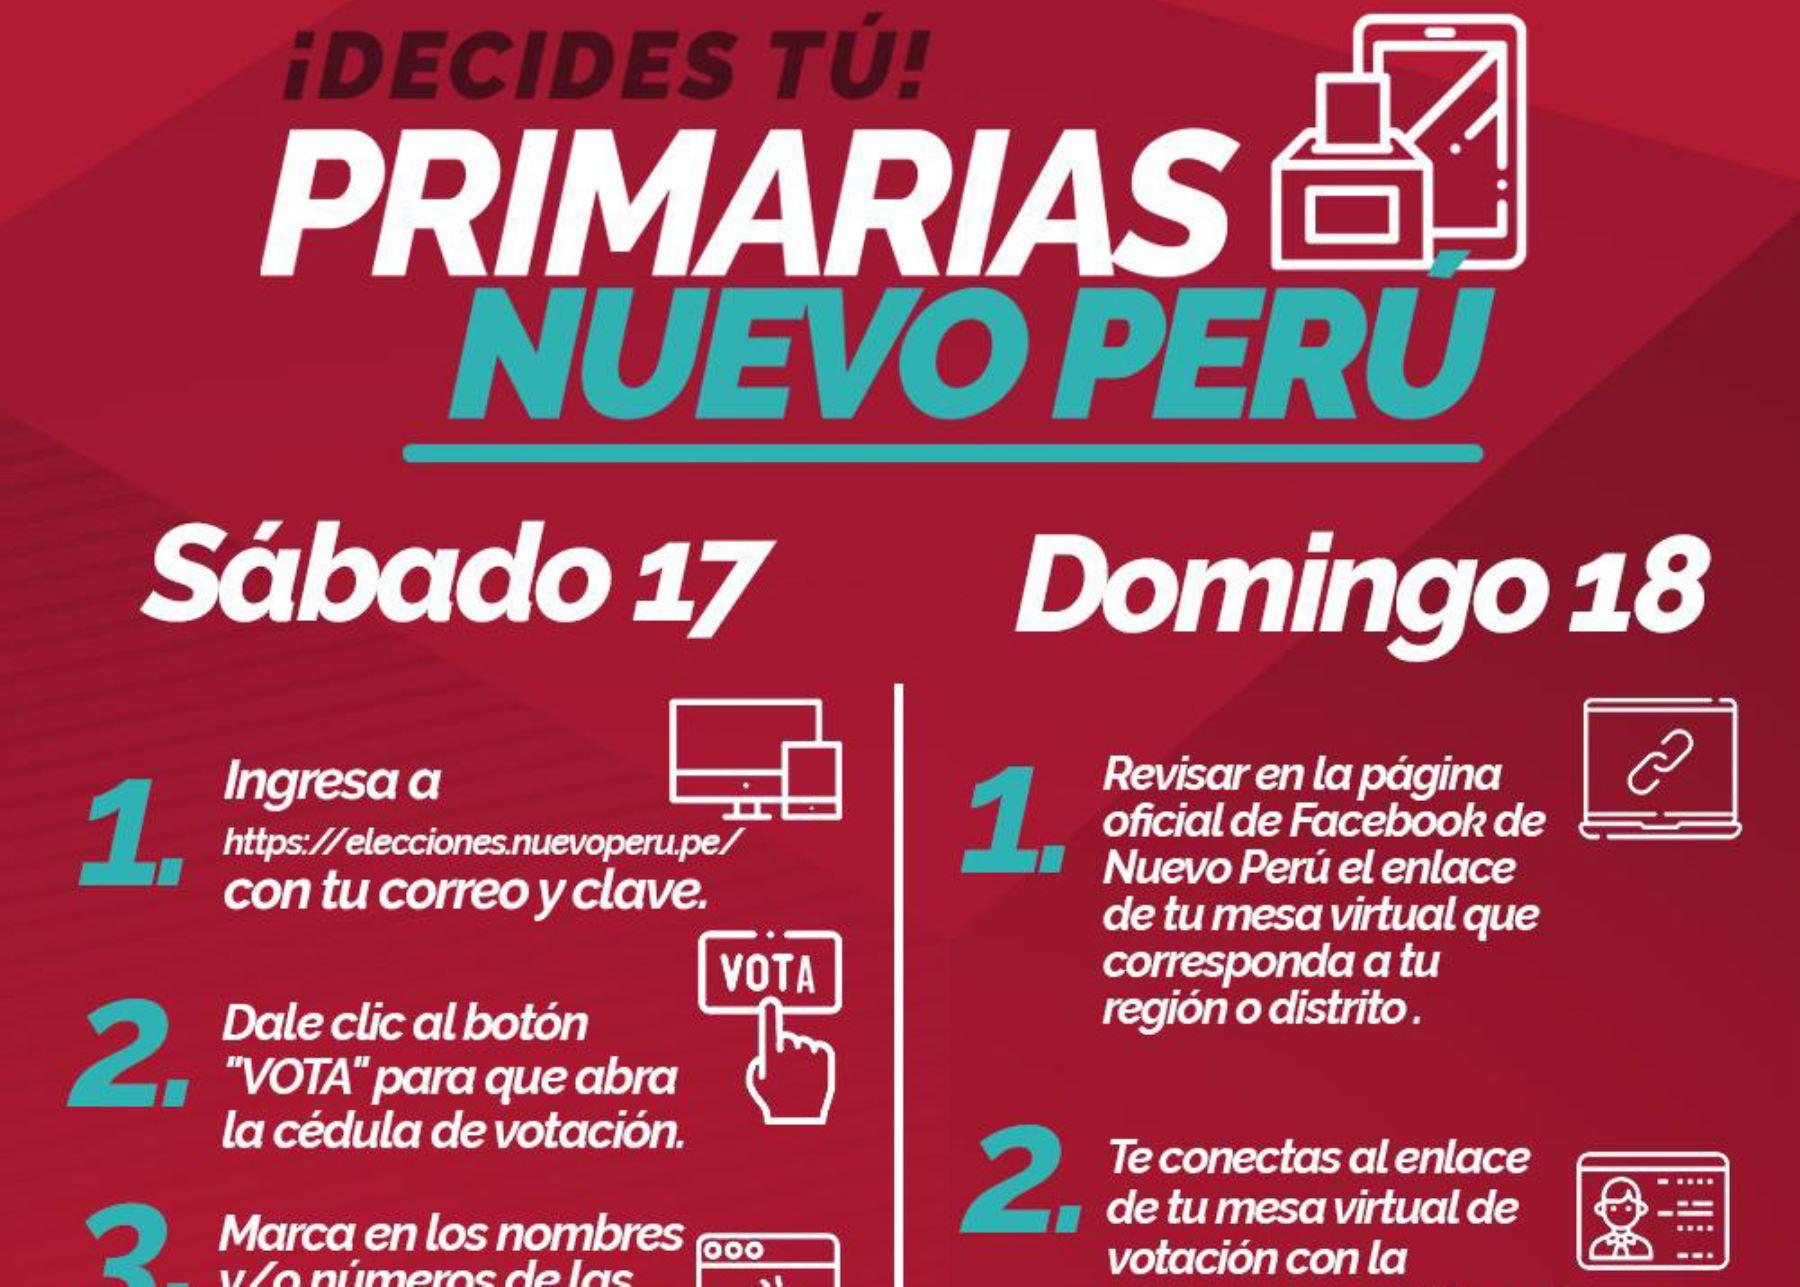 Elecciones primarias en Nuevo Perú.